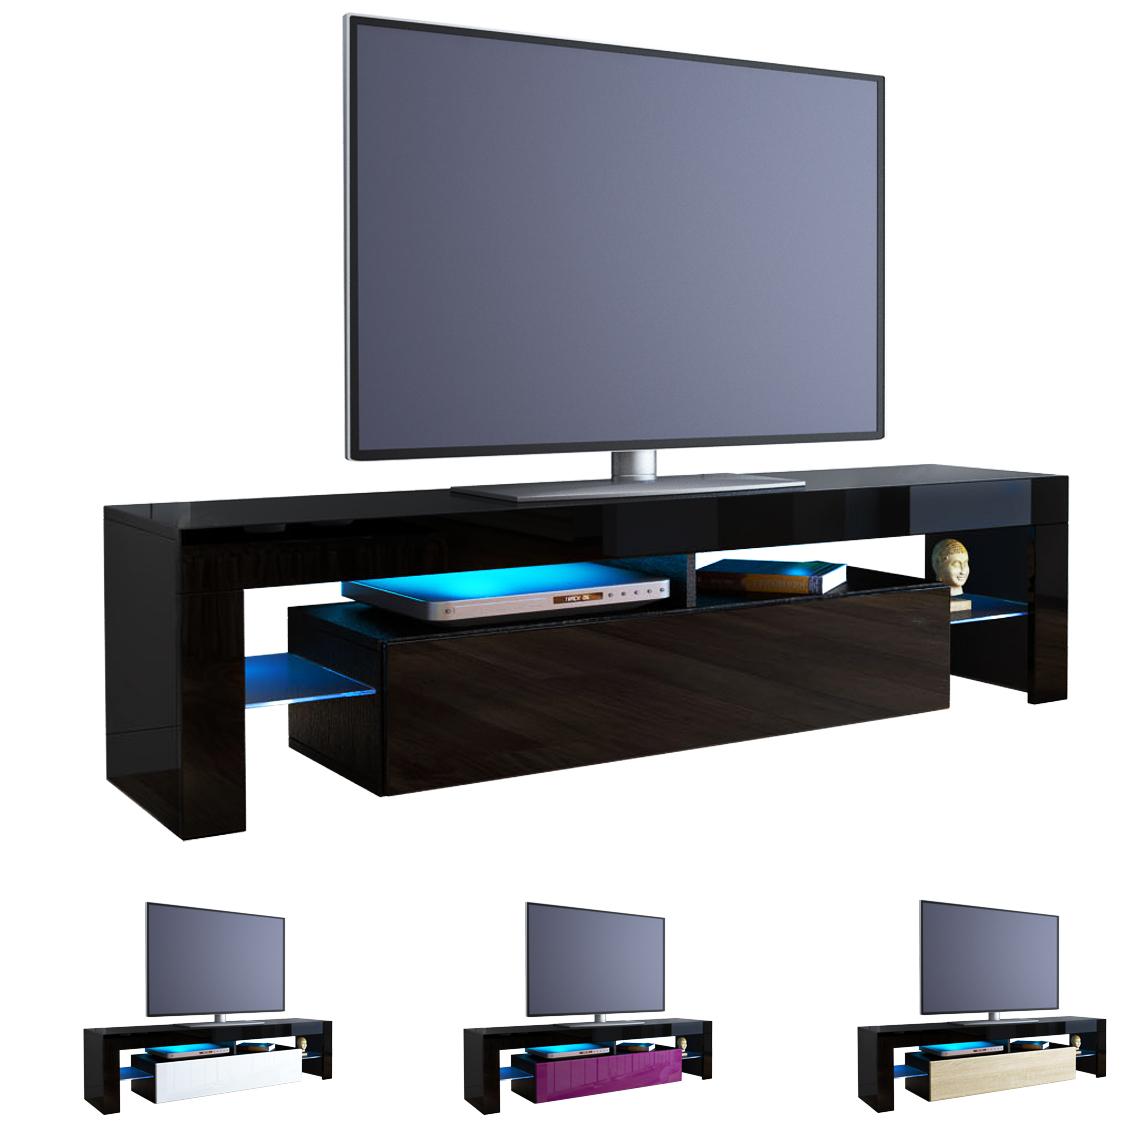 Meuble tv bas lima ~ Solutions pour la décoration intérieure de votre maison -> Meuble Tv DAngle Acacia Massif Beauregard